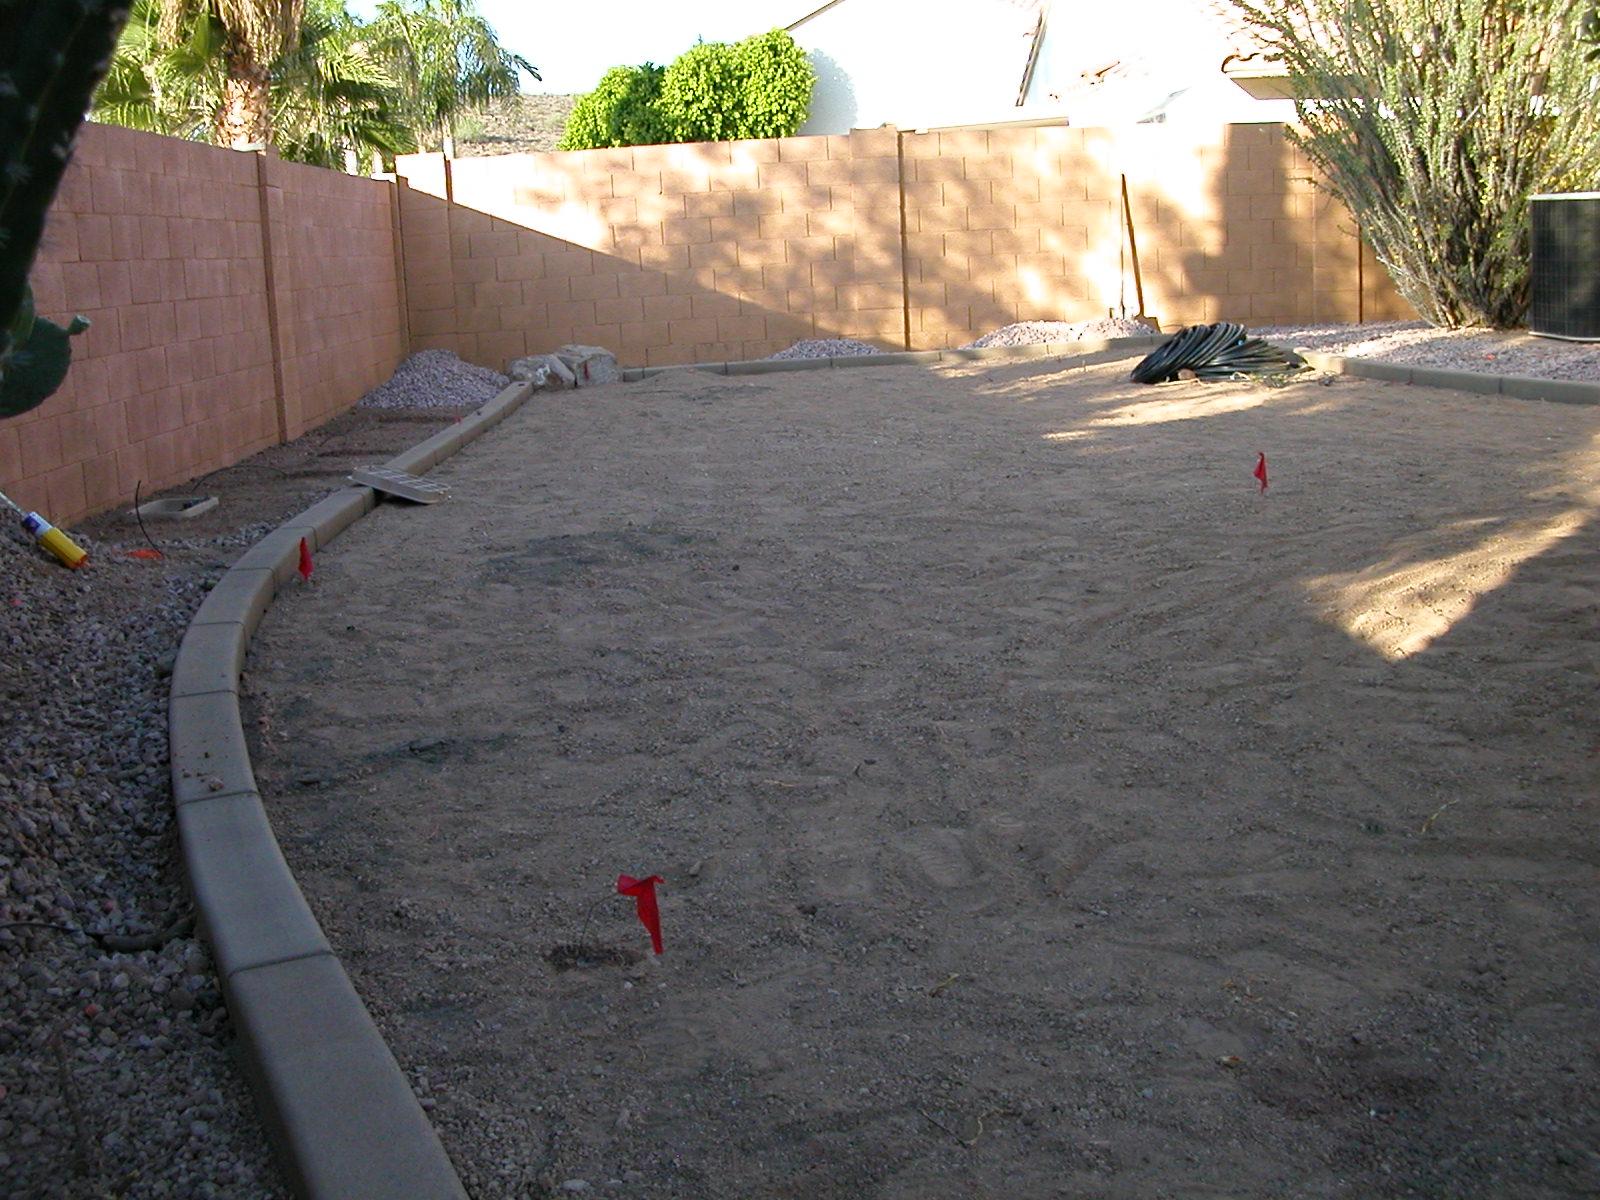 Curbing & yard prepped for sod